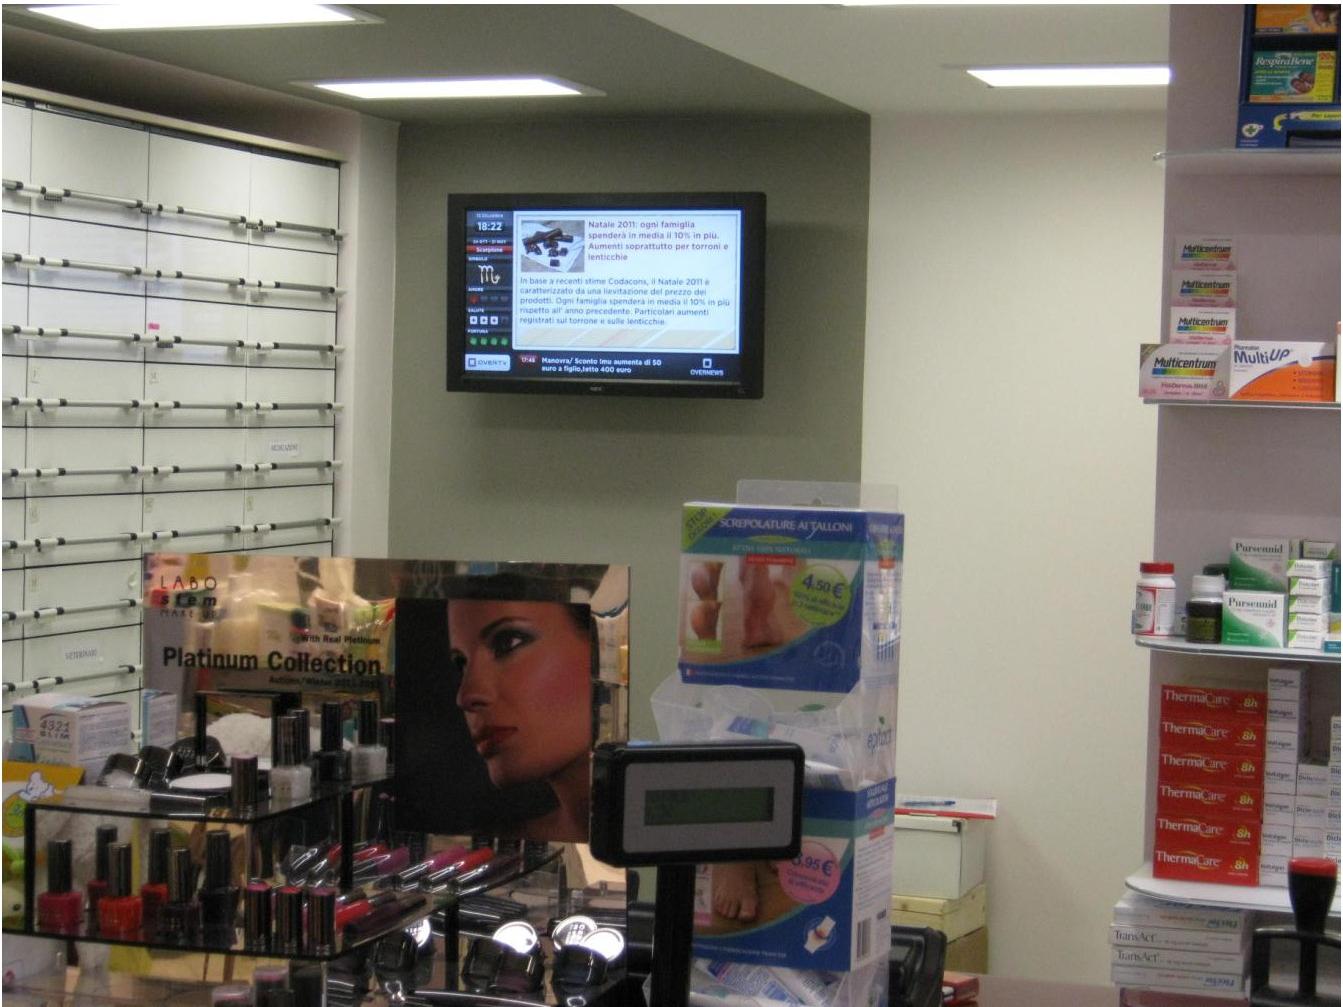 La SolutionBox informatrice perfetta per la Farmacia Vasconi di Cunardo!